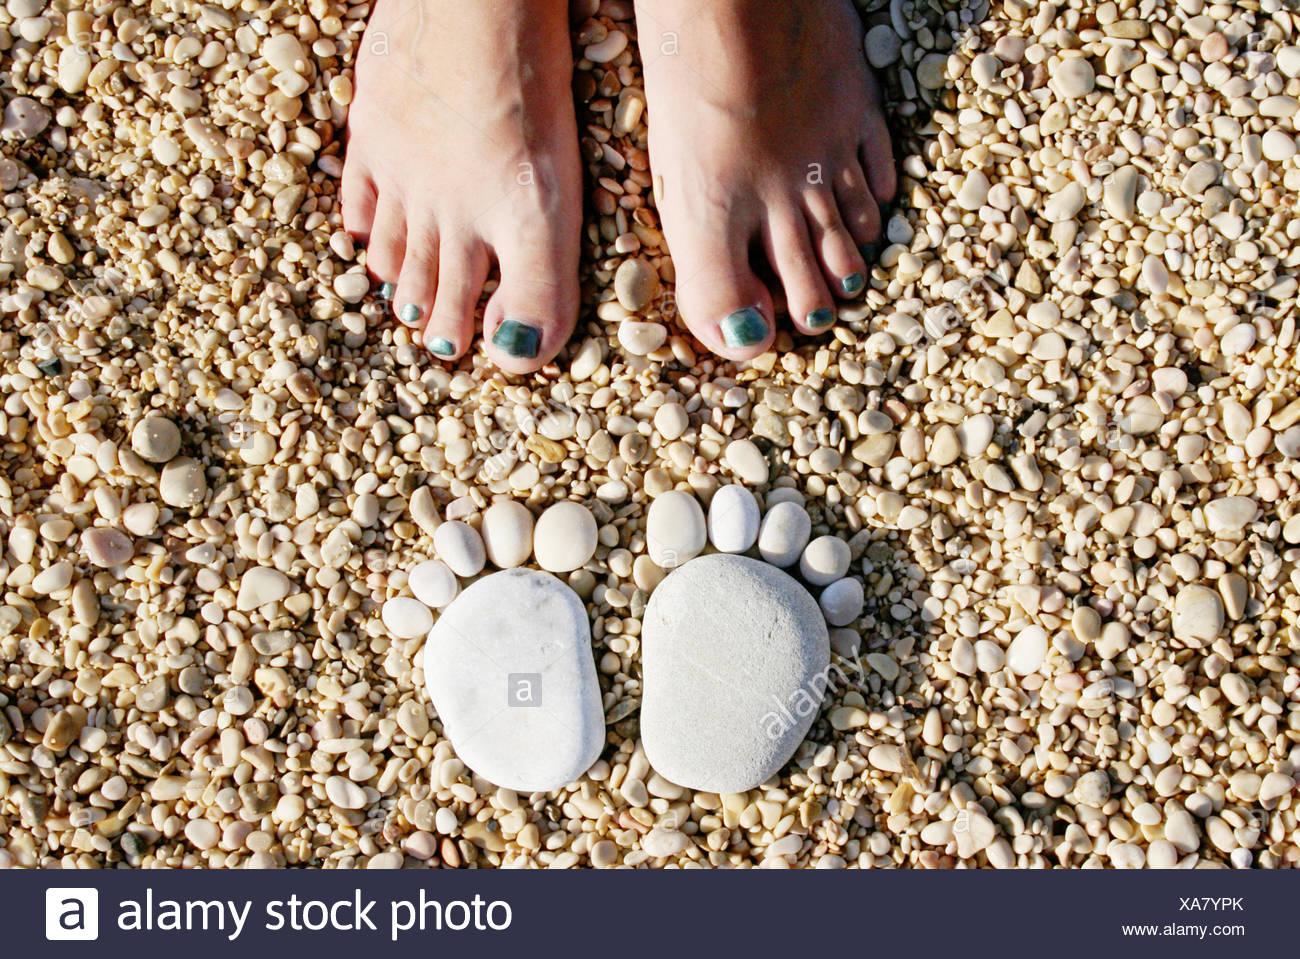 Kroatien, Steinen in Form der Füße vor Frau die Füße Stockbild